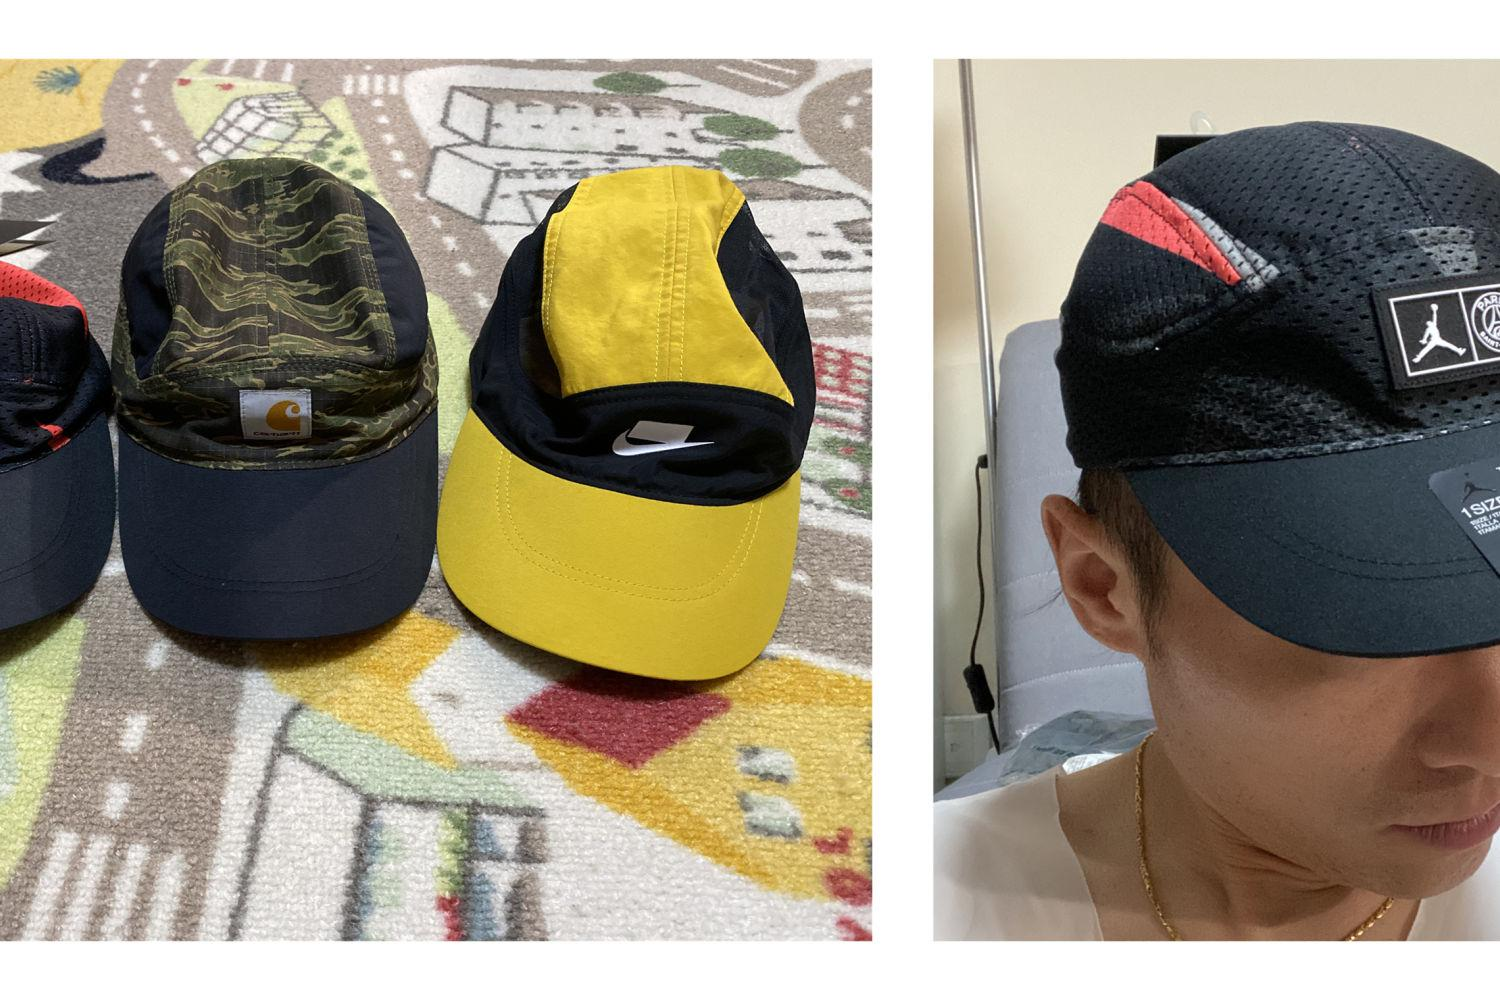 #我的运动指南#AJ巴黎圣日耳曼TAILWIND运动帽